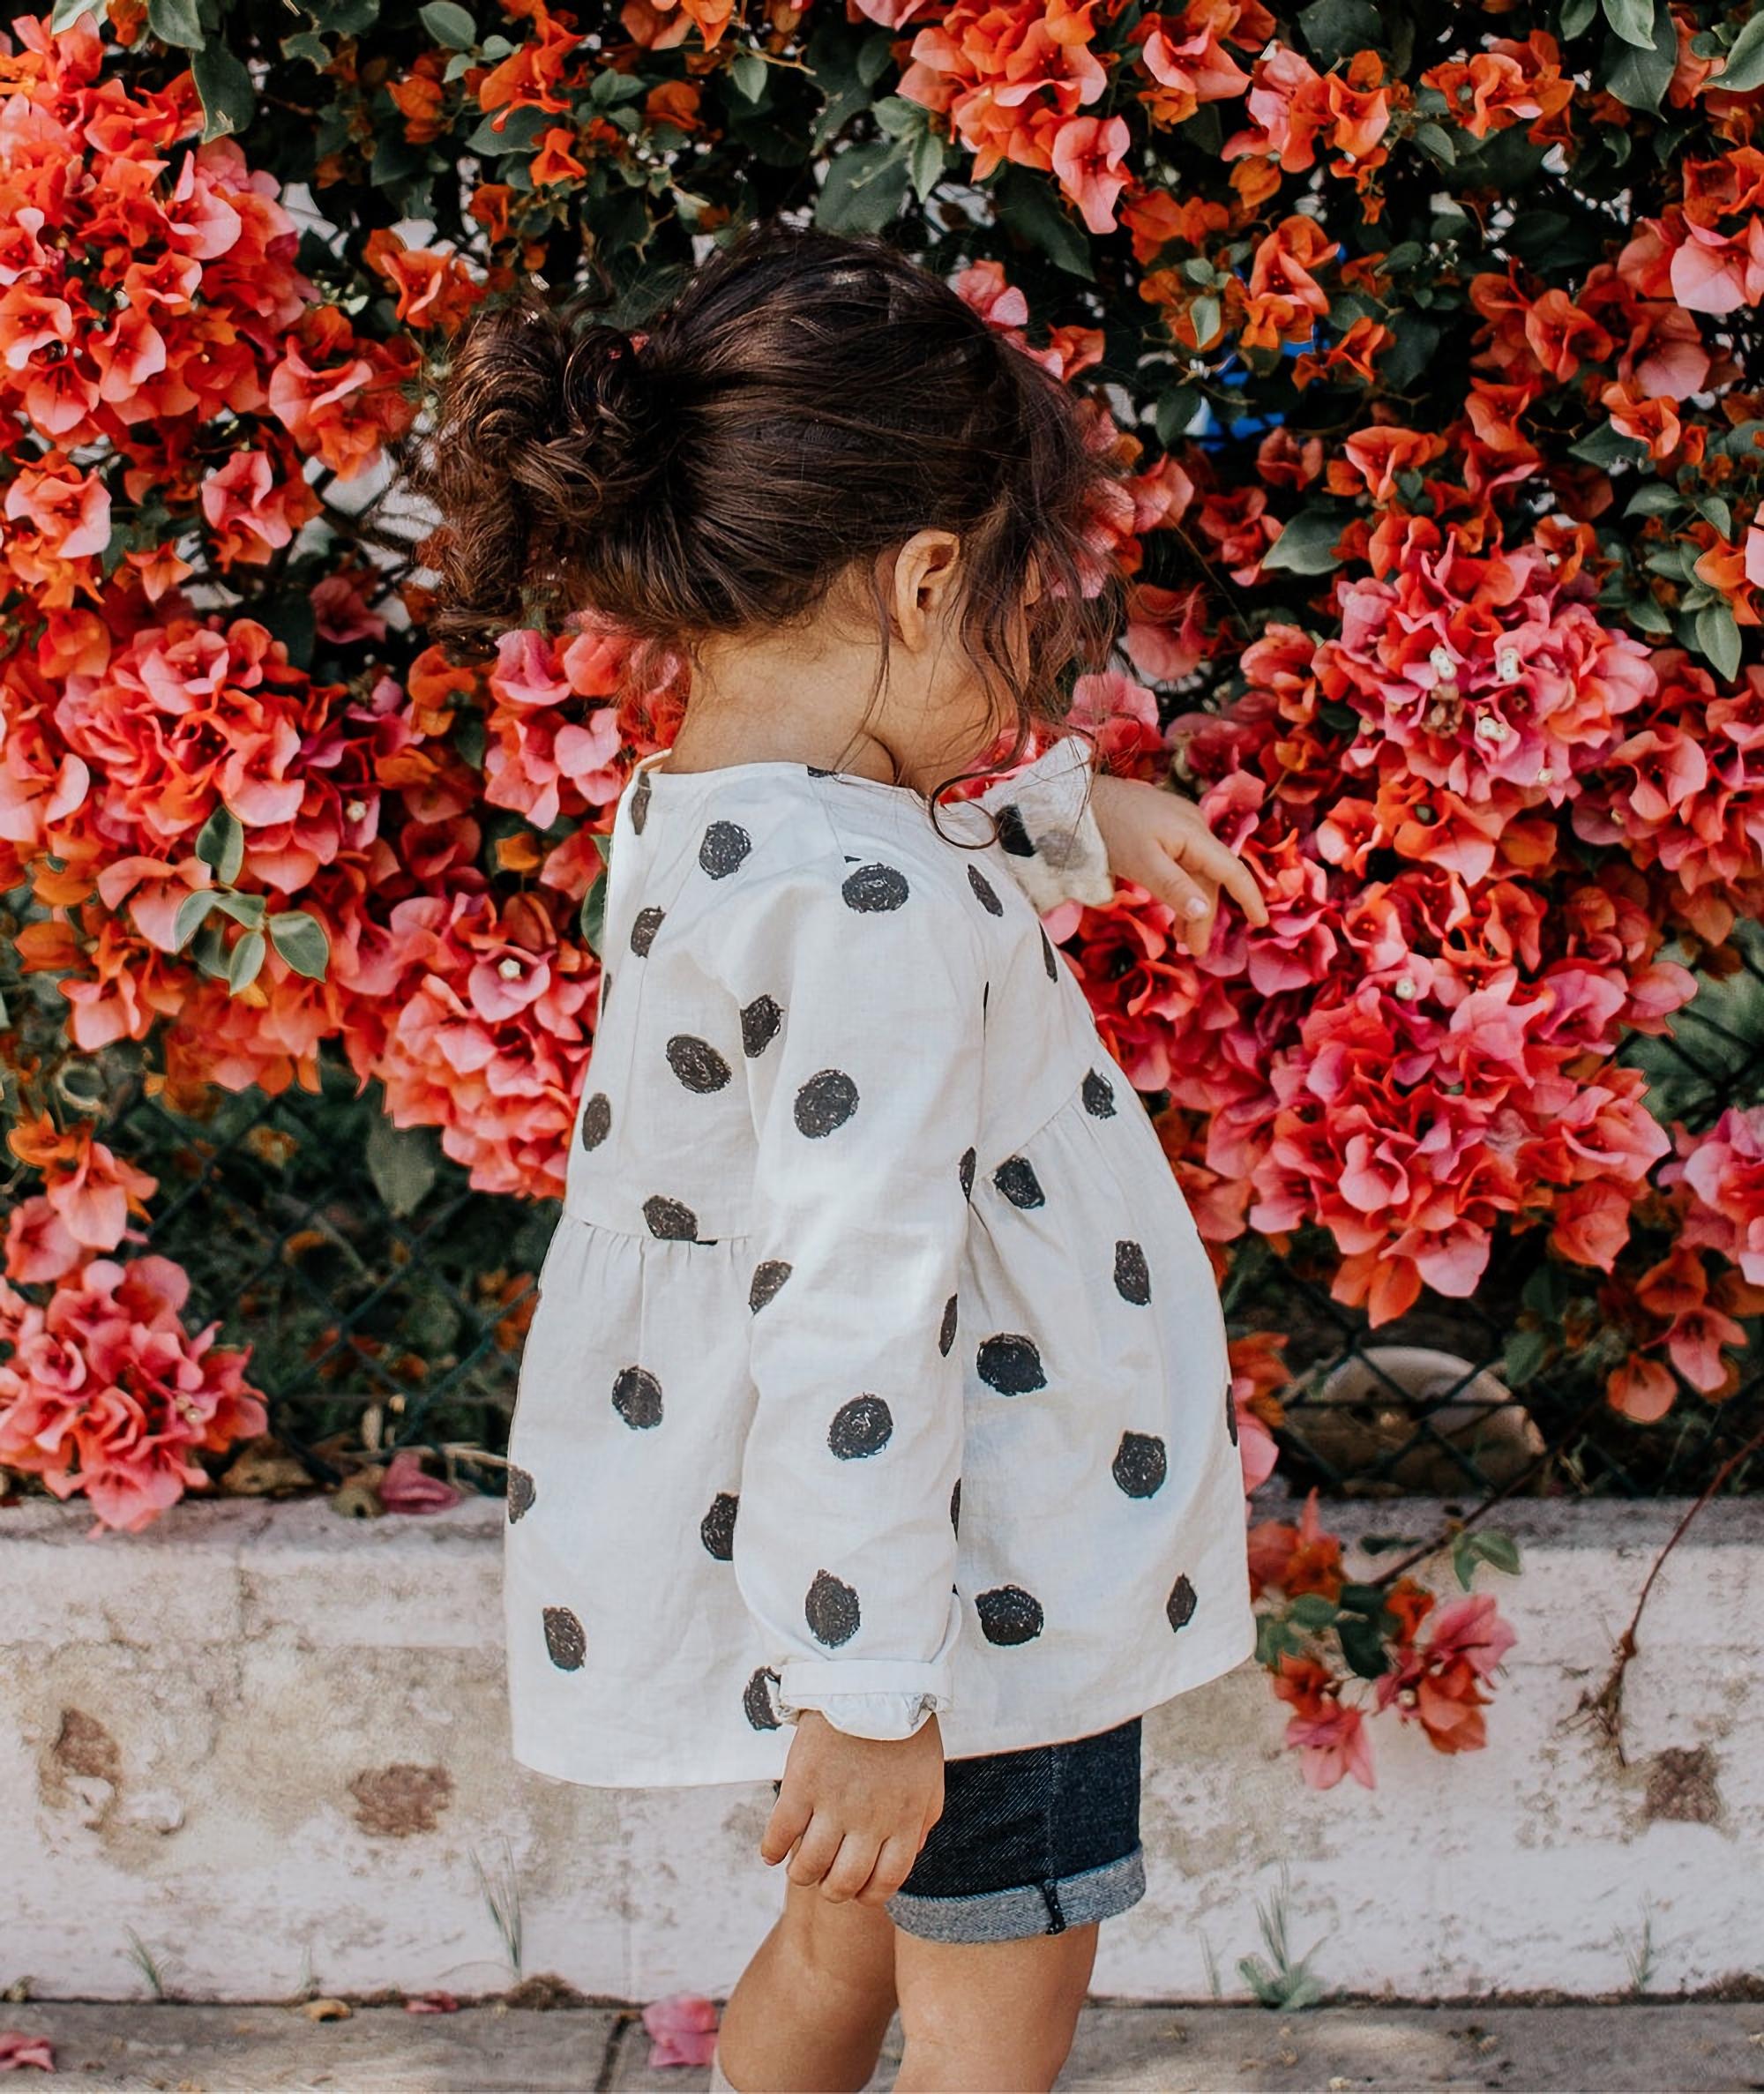 92967 скачать обои Разное, Девочка, Ребенок, Яркий, Цветы - заставки и картинки бесплатно